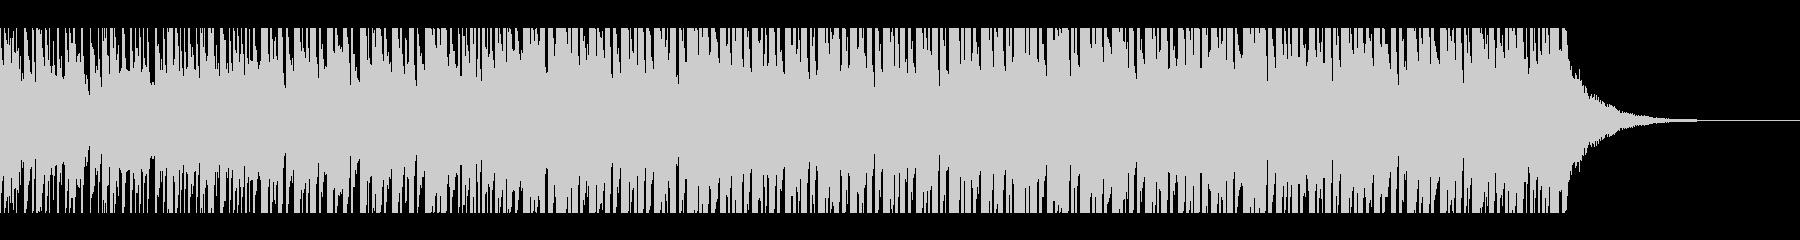 熱帯の夏(60秒)の未再生の波形